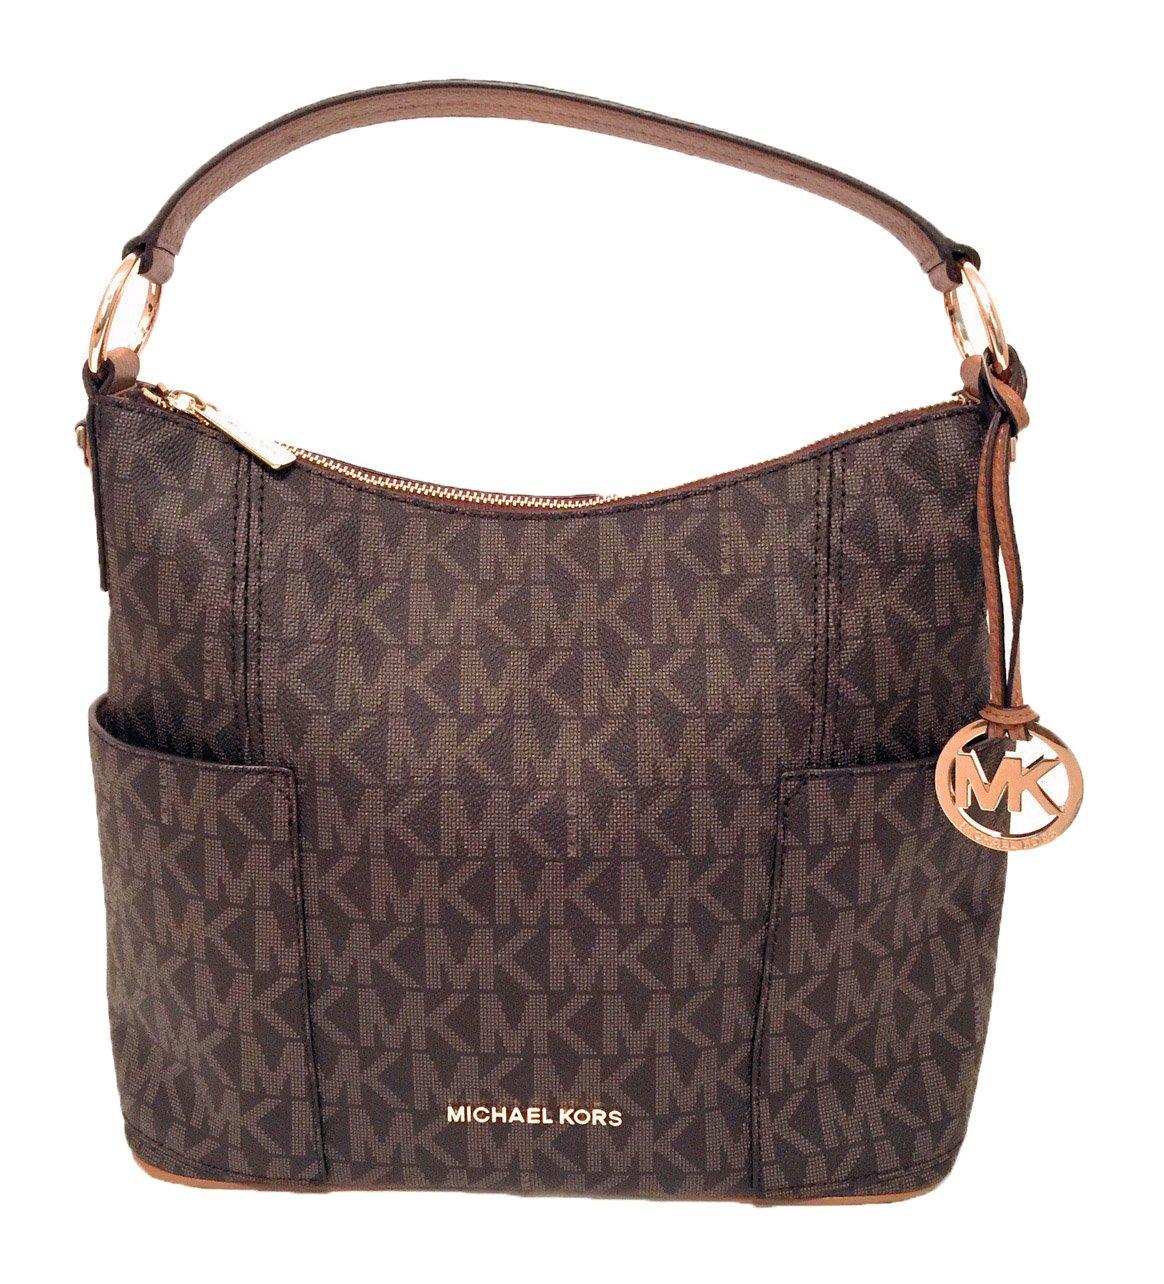 Michael Kors Anita Large Convertible Shoulder Bag (Brown)